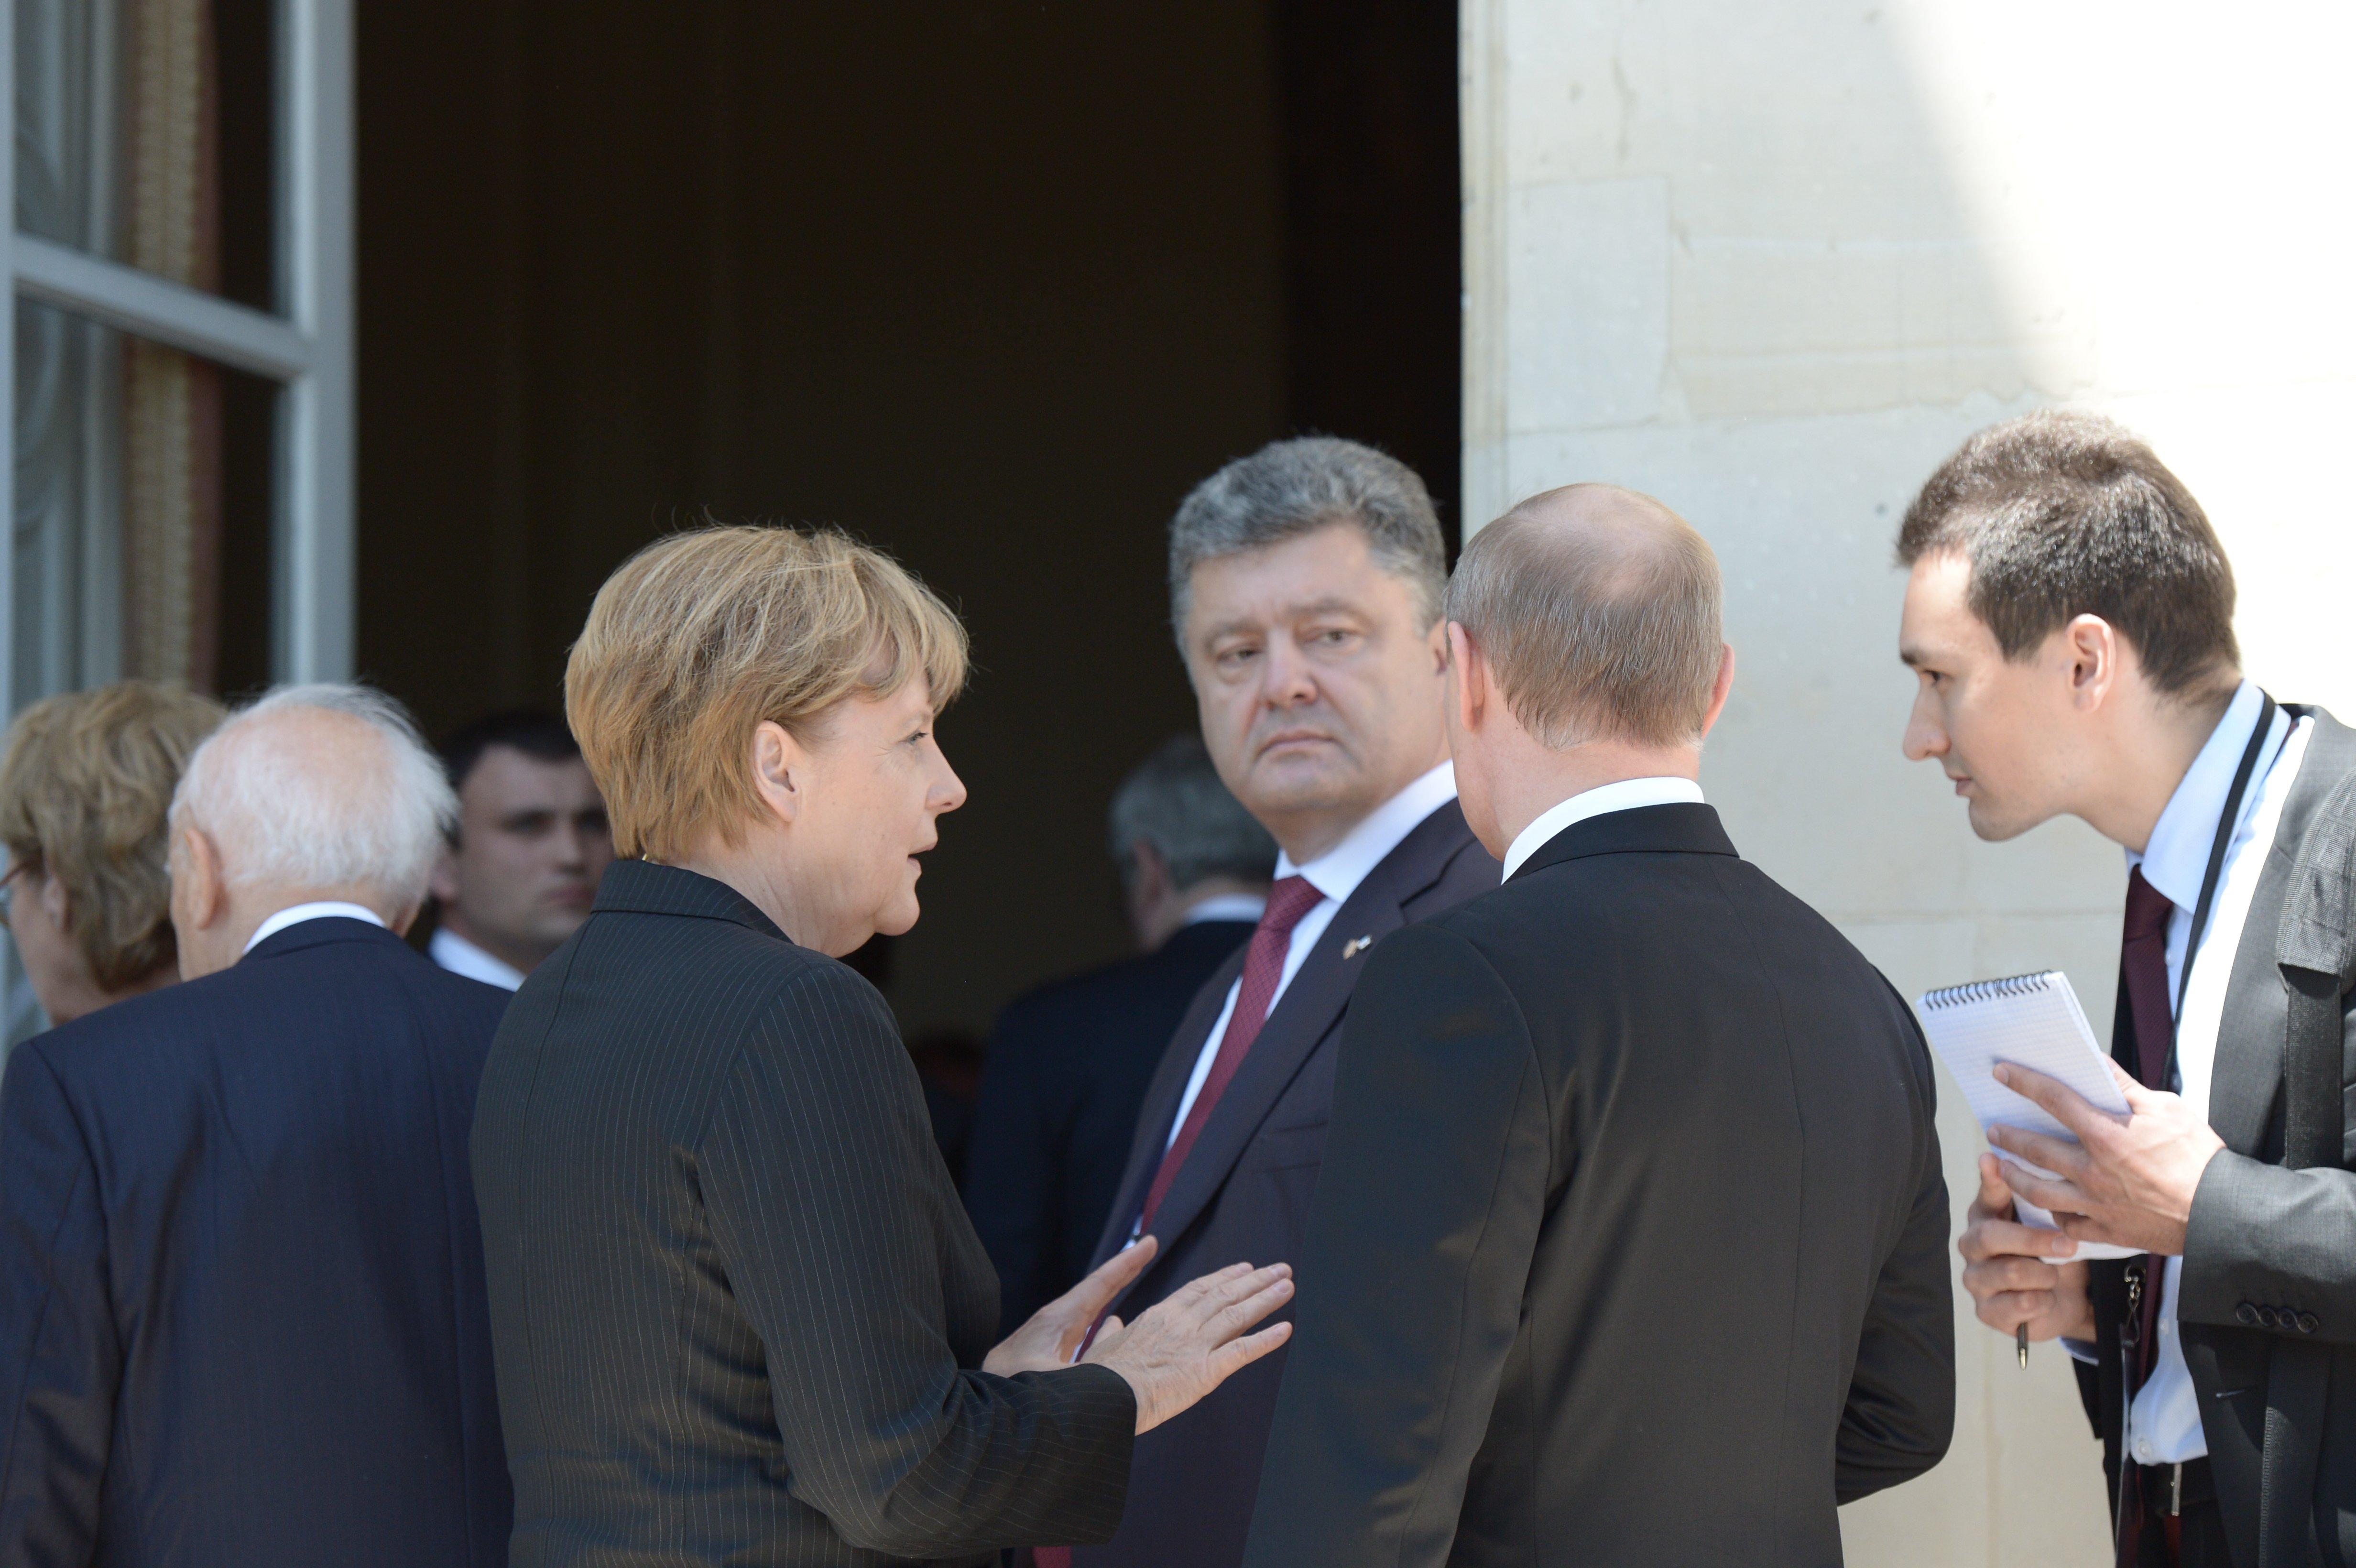 ВКиеве раскрыли «хитрый трюк» Порошенко сцелью «обмана Путина»